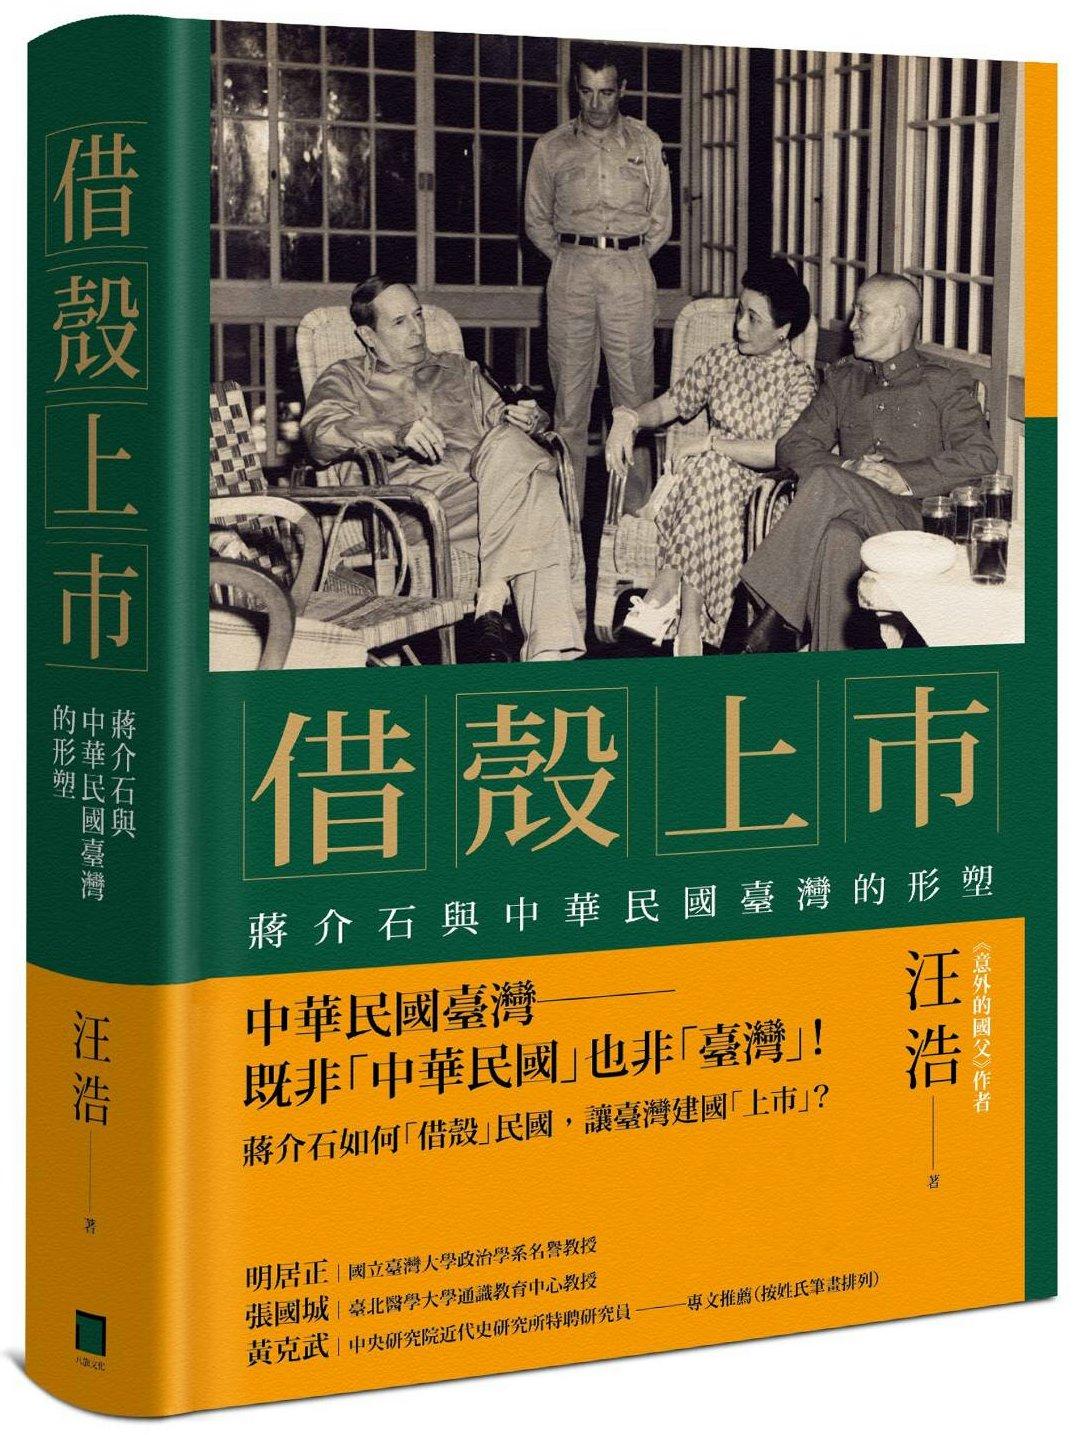 借殼上市:蔣介石與中華民國臺灣的形塑